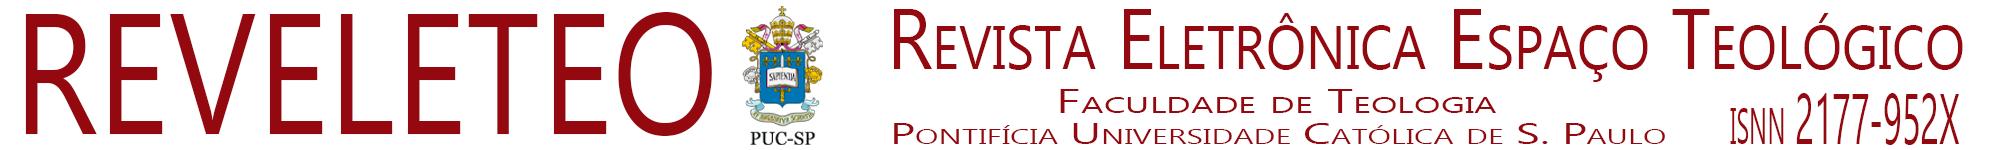 Revista Eletrônica Espaço Teológico